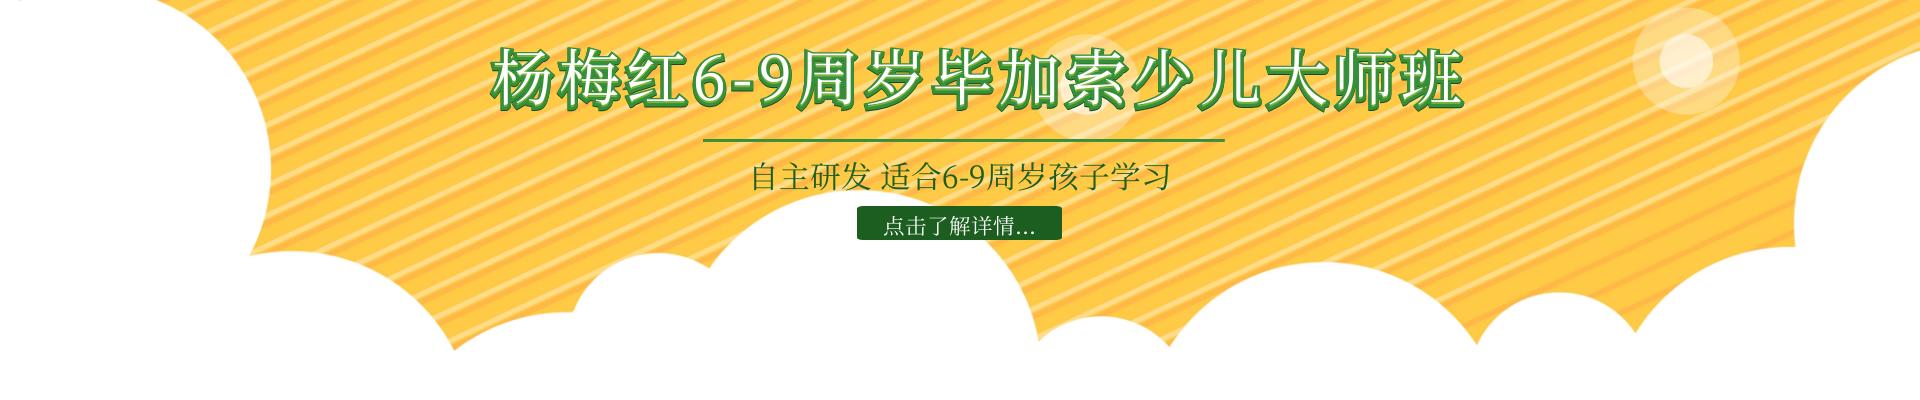 扬州华懋杨梅红国际私立美校